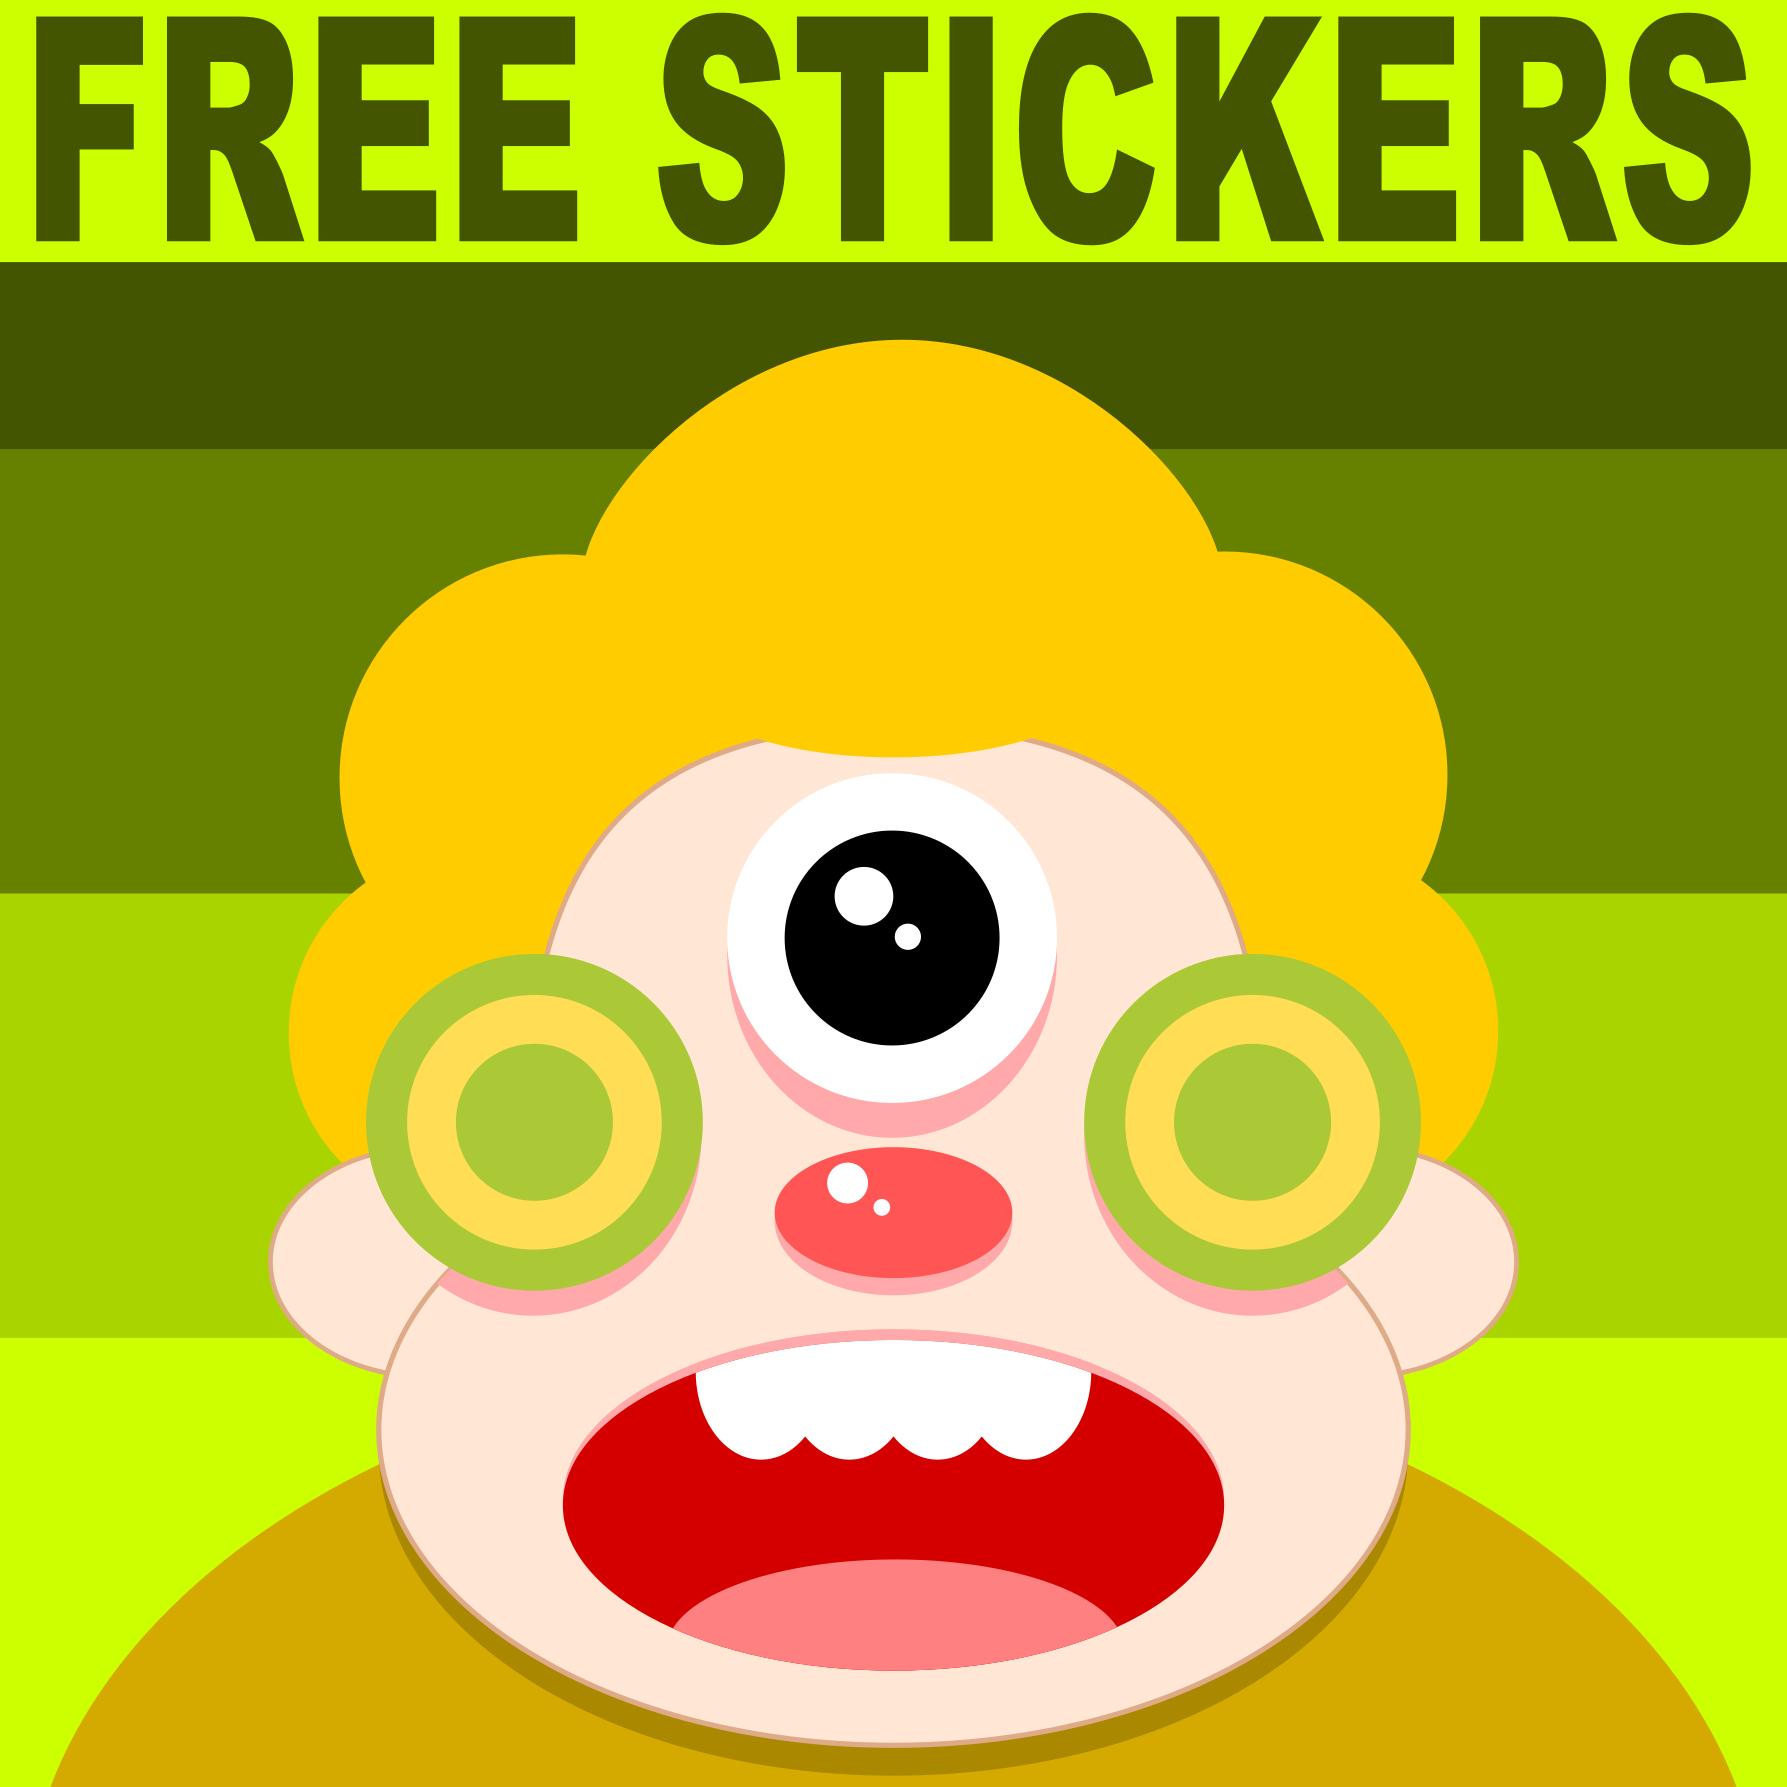 Free Stickers by TetraModal on DeviantArt